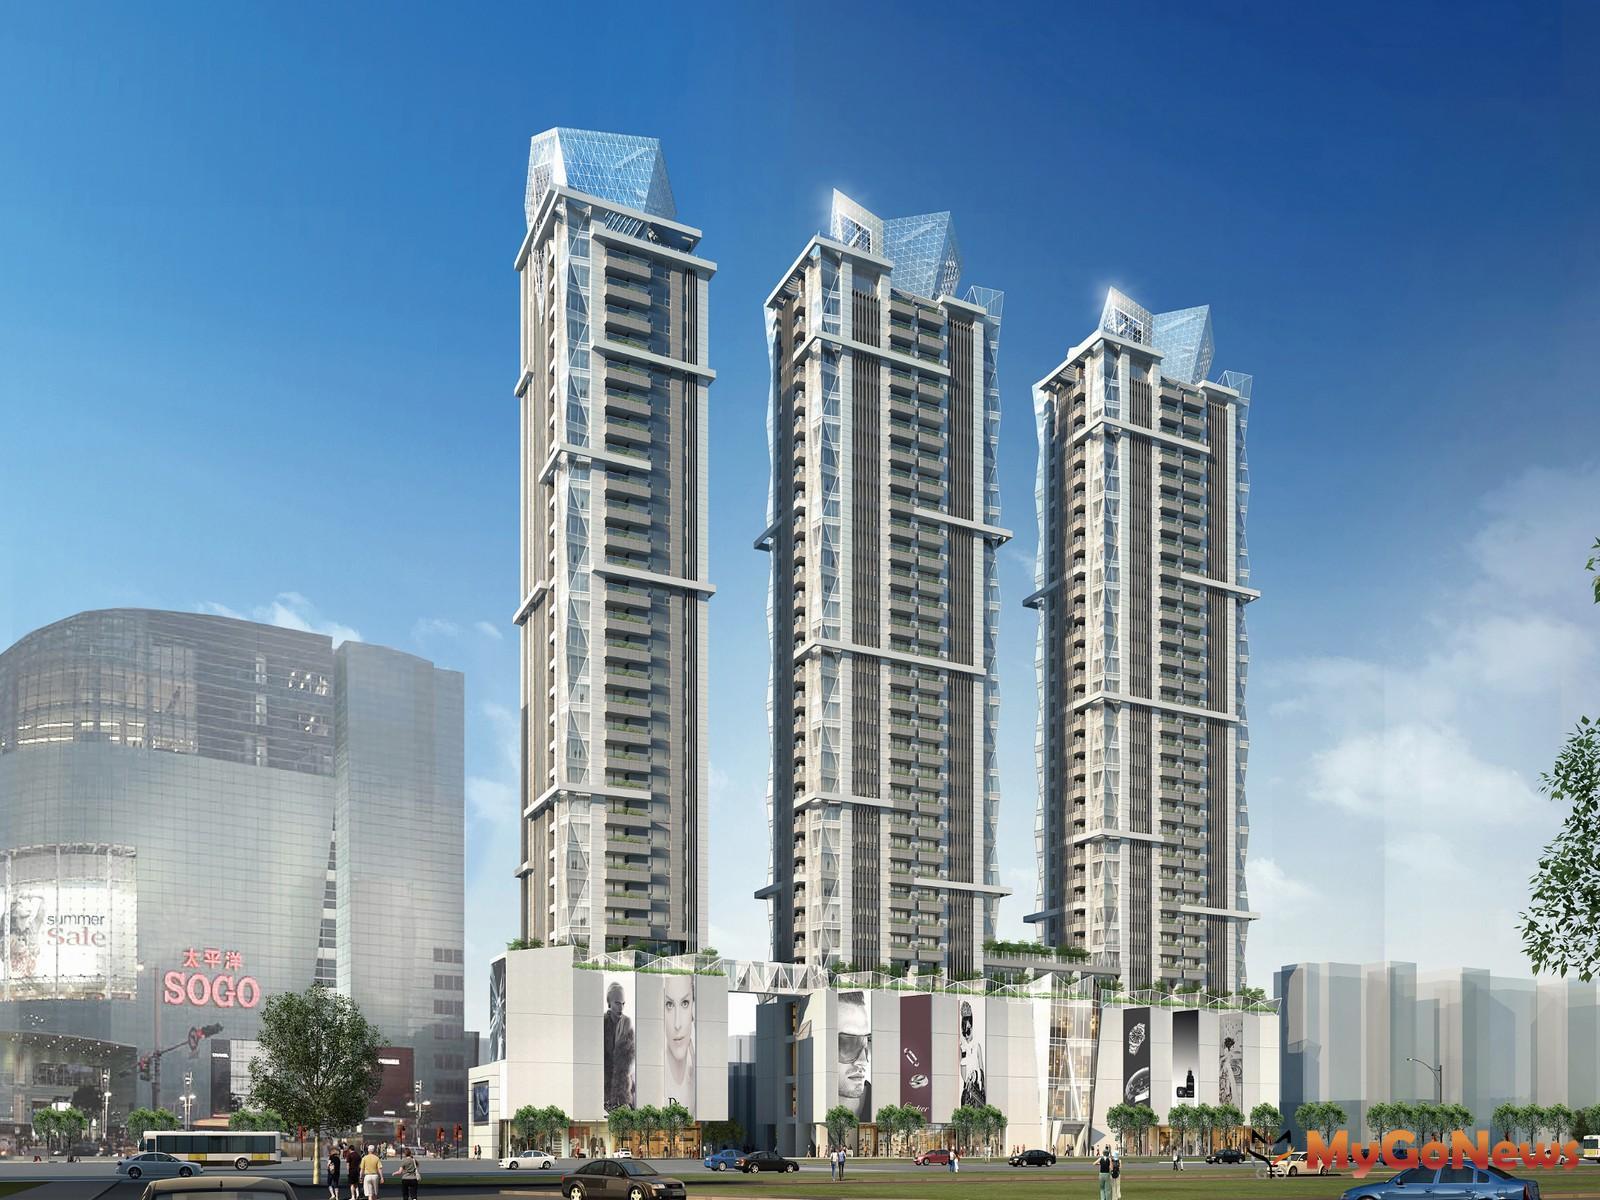 新光三越正式簽約「Diamond Towers」,引領東區商圈新紀元(圖/戴德梁行)  MyGoNews房地產新聞 市場快訊